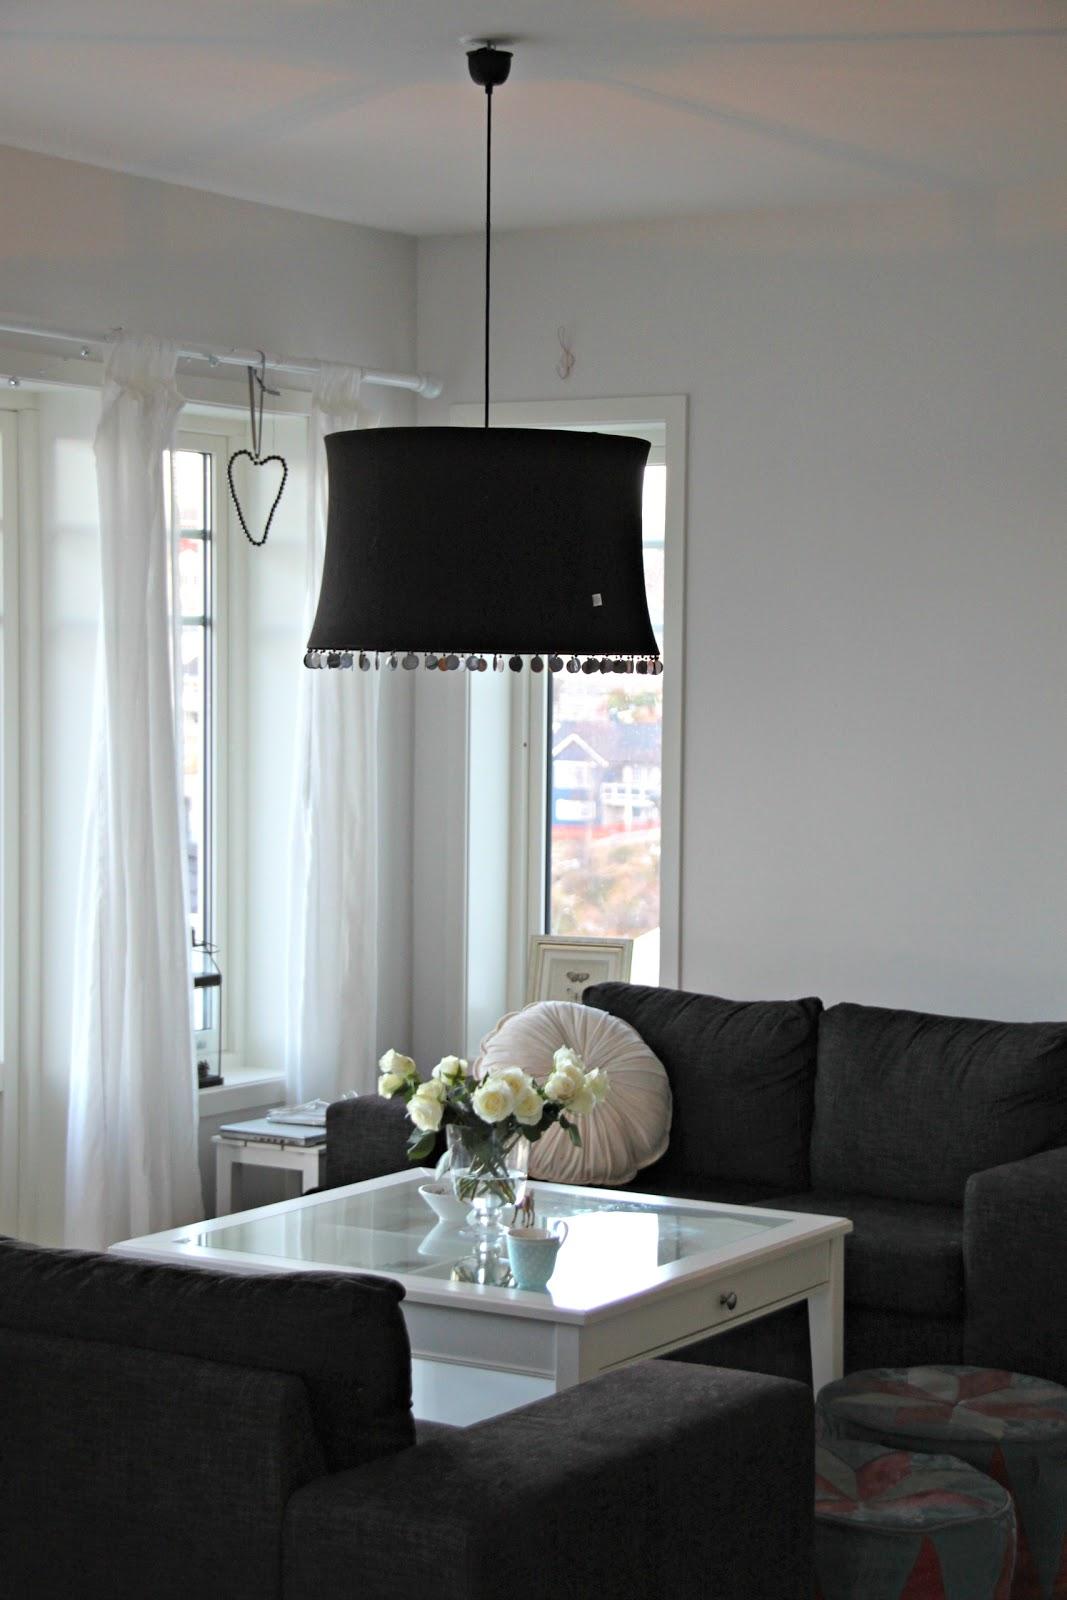 perler p en snor tine k home pendel lampe sort. Black Bedroom Furniture Sets. Home Design Ideas